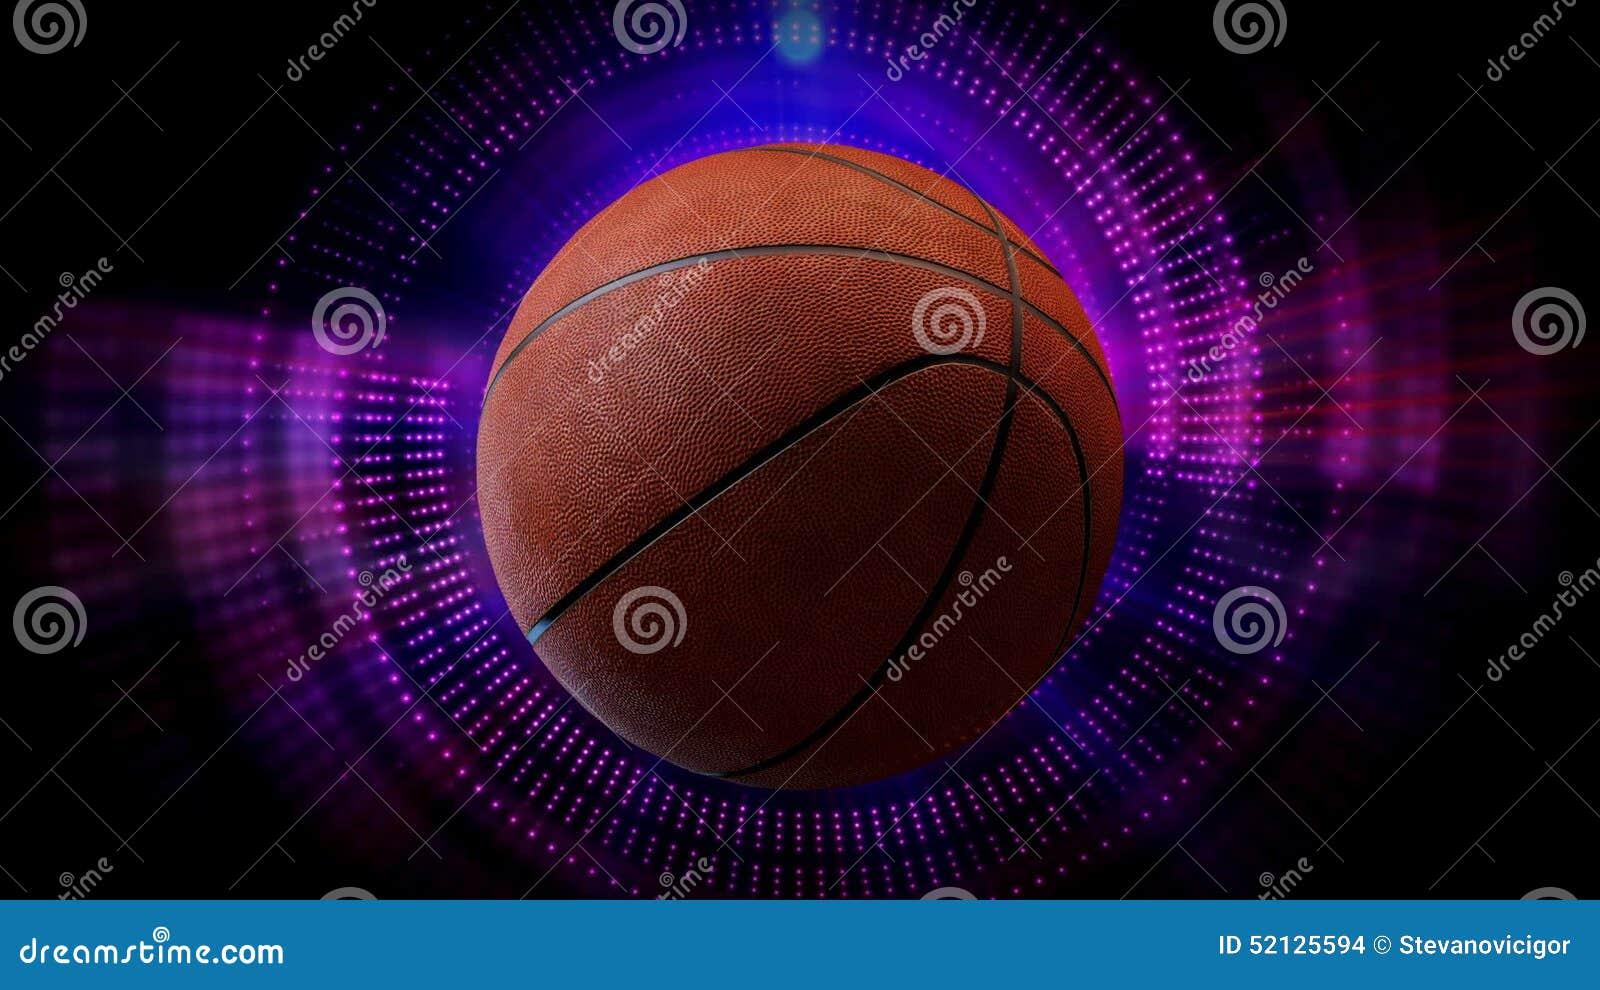 Balones De Fútbol Deportes Fondos De Pantalla Gratis: Pelota De Baloncesto 3d: Fondo De Pantalla De Baln De